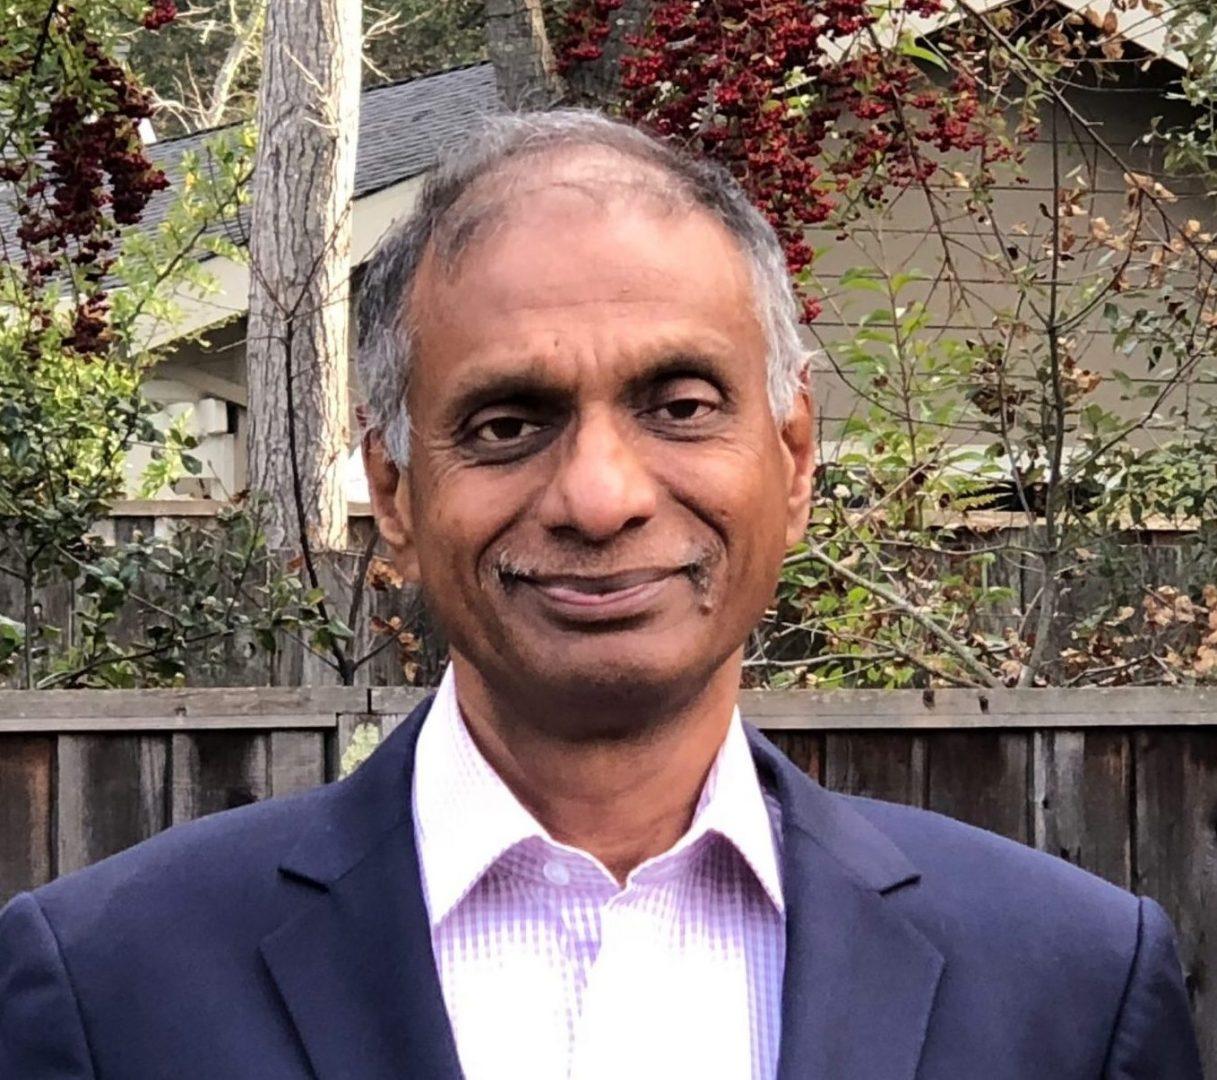 Ramaswamy Ranganathan